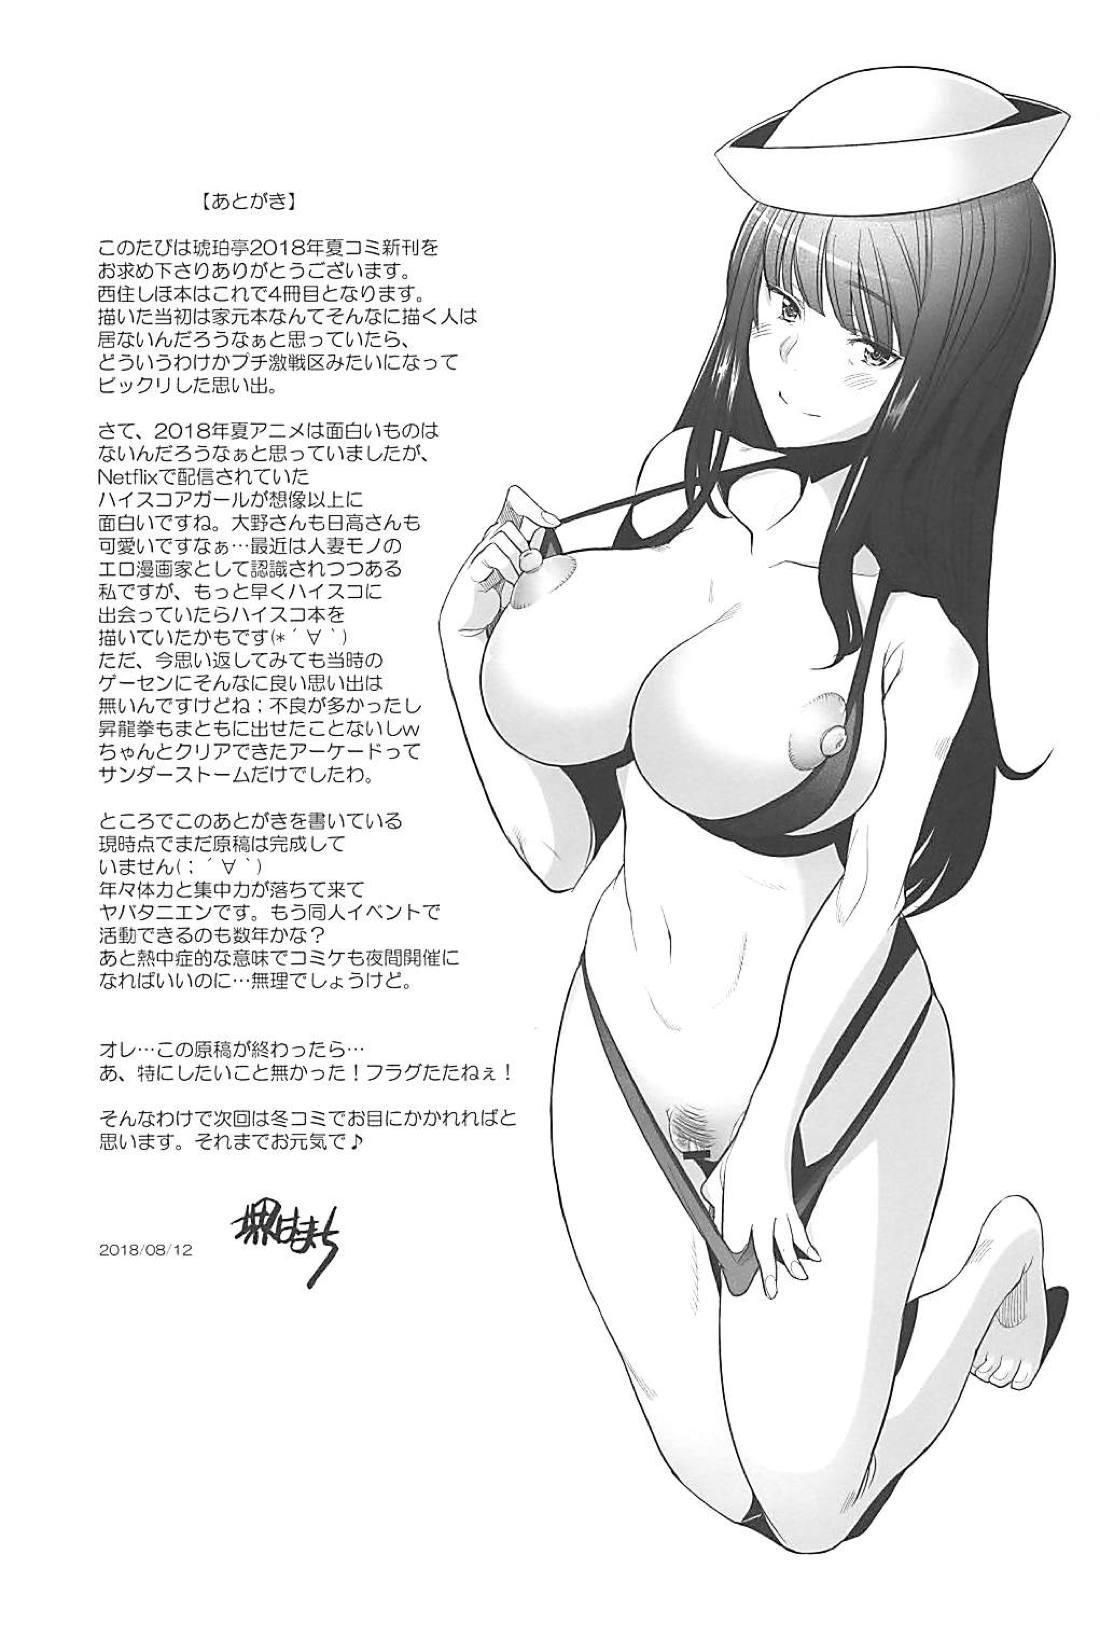 Furin Sex no Yoin ga Wasurerarenai Hitozuma Iemoto ga Karada no Uzuki o Osaeru Tame ni Otto to Hageshiku Yattemita 27